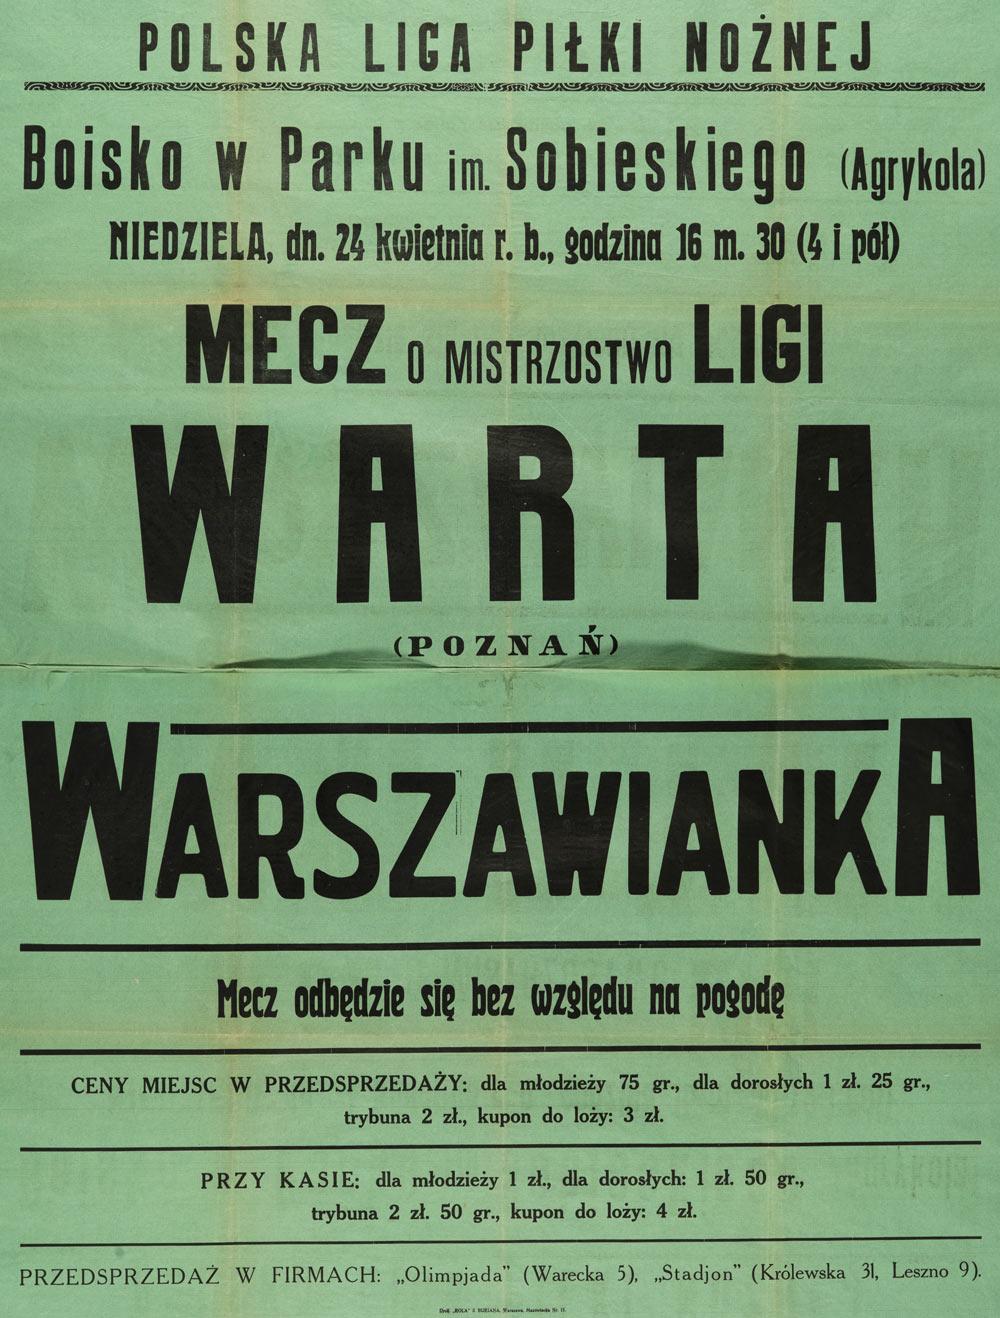 Plakat przed meczem Warszawianka - Warta Poznań